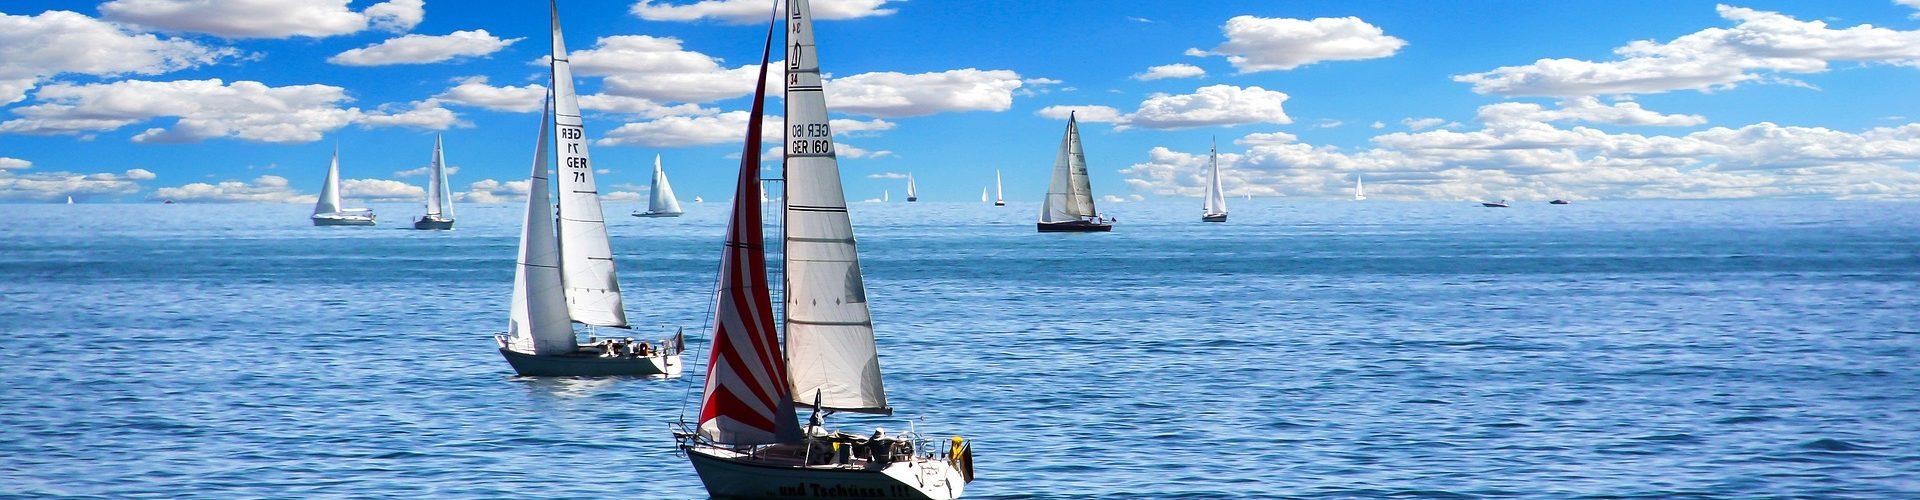 segeln lernen in Waldshut Tiengen segelschein machen in Waldshut Tiengen 1920x500 - Segeln lernen in Waldshut-Tiengen